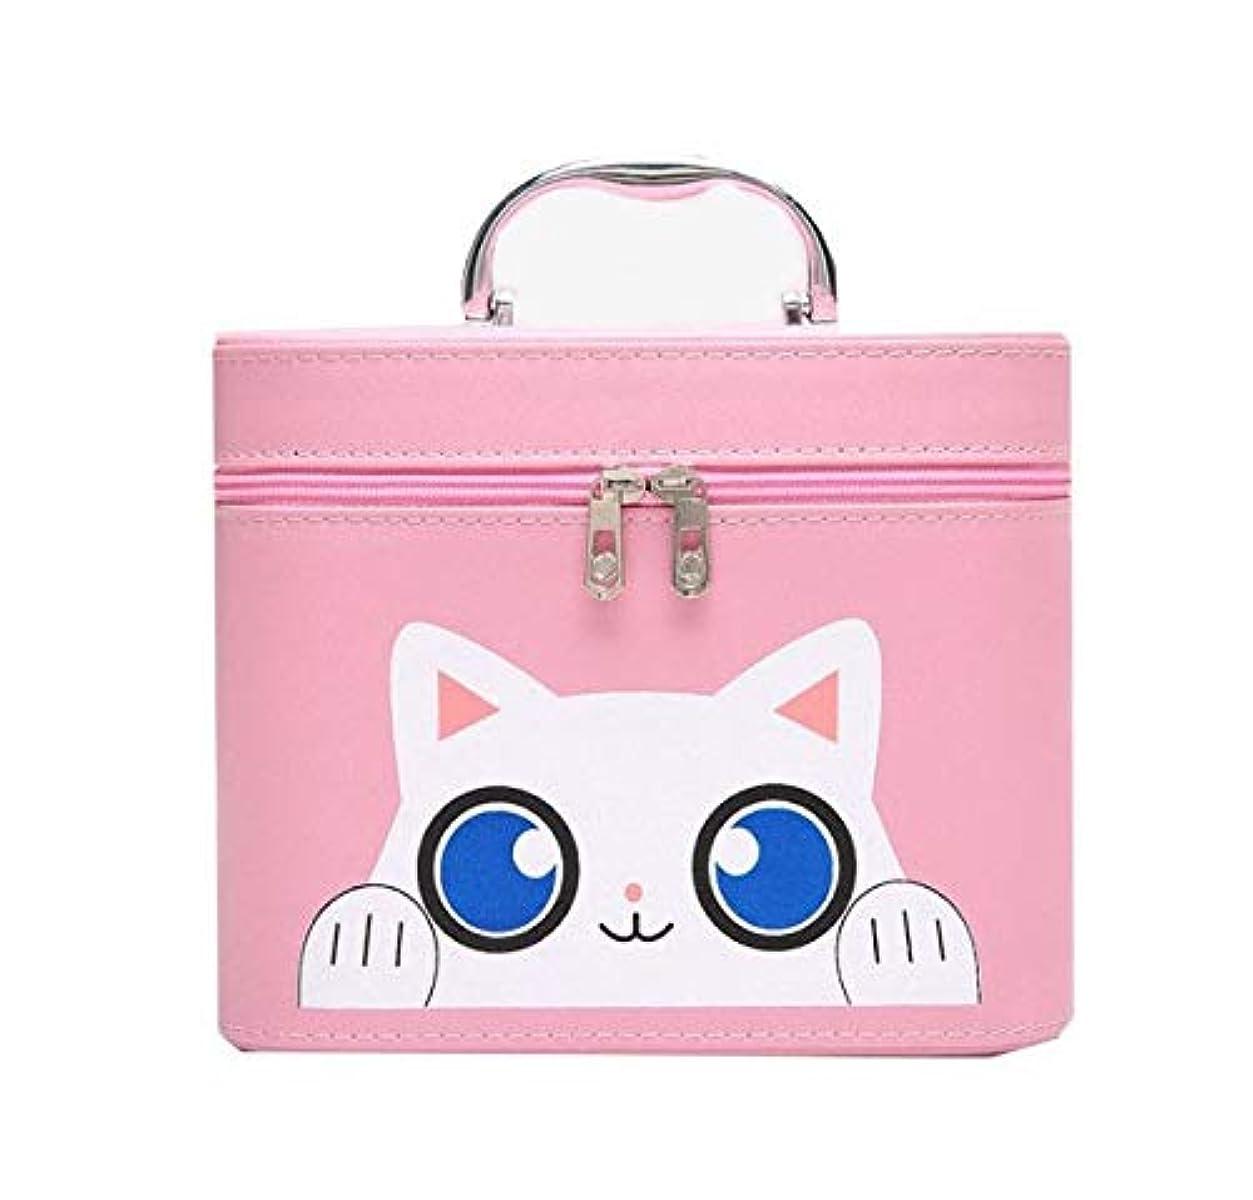 メンバー怠感ほぼ化粧箱、大容量漫画猫化粧品ケース、ポータブル旅行化粧品ケース、美容ネイルジュエリー収納ボックス (Size : S)